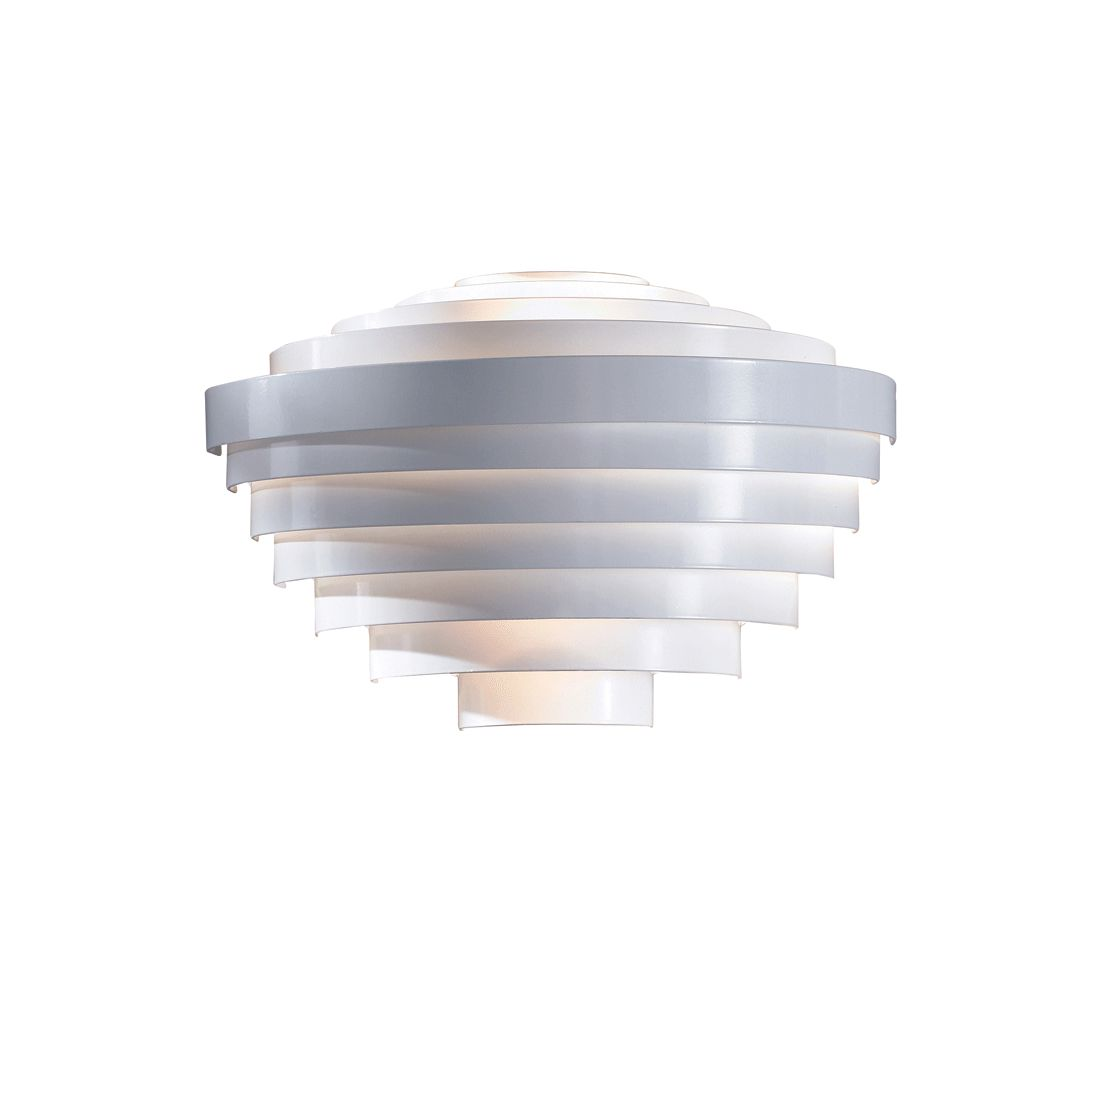 Wandleuchte Djoser - Metall - Weiss, PureDay